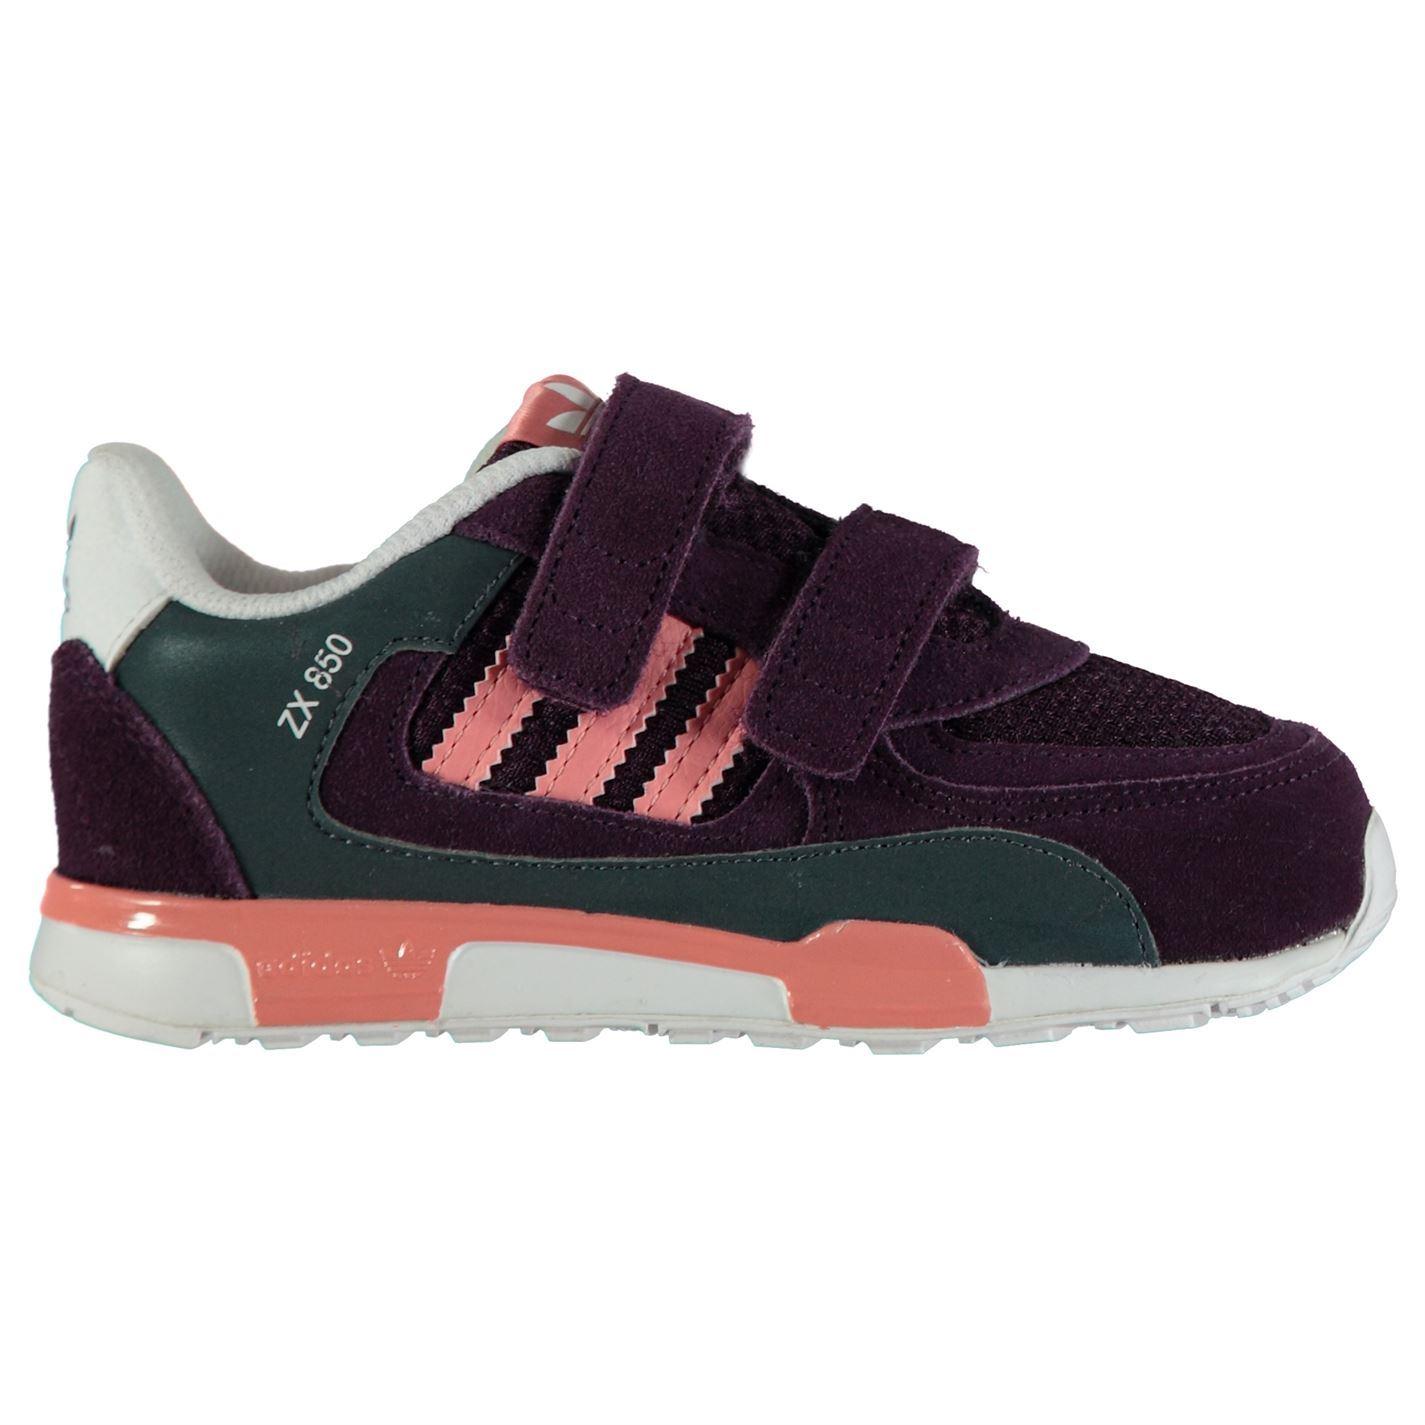 scarpe adidas bimba viola